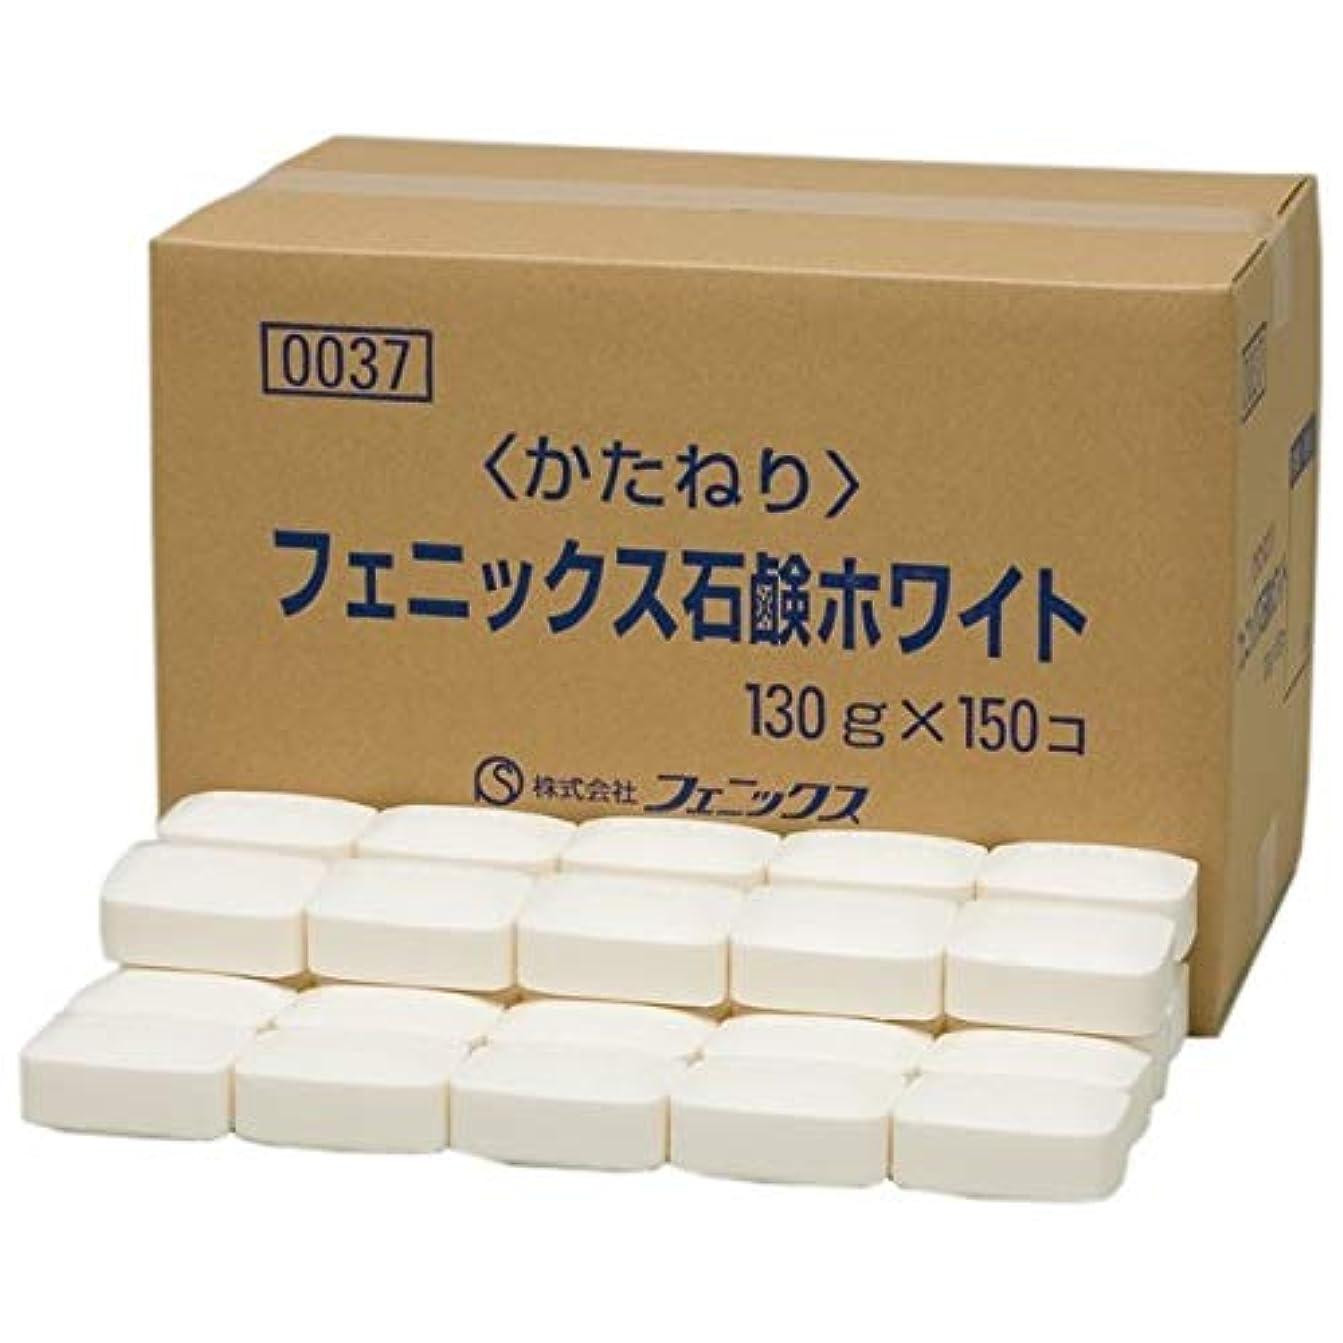 蒸ネストクラウンフェニックスホワイト石鹸 130g×150個入